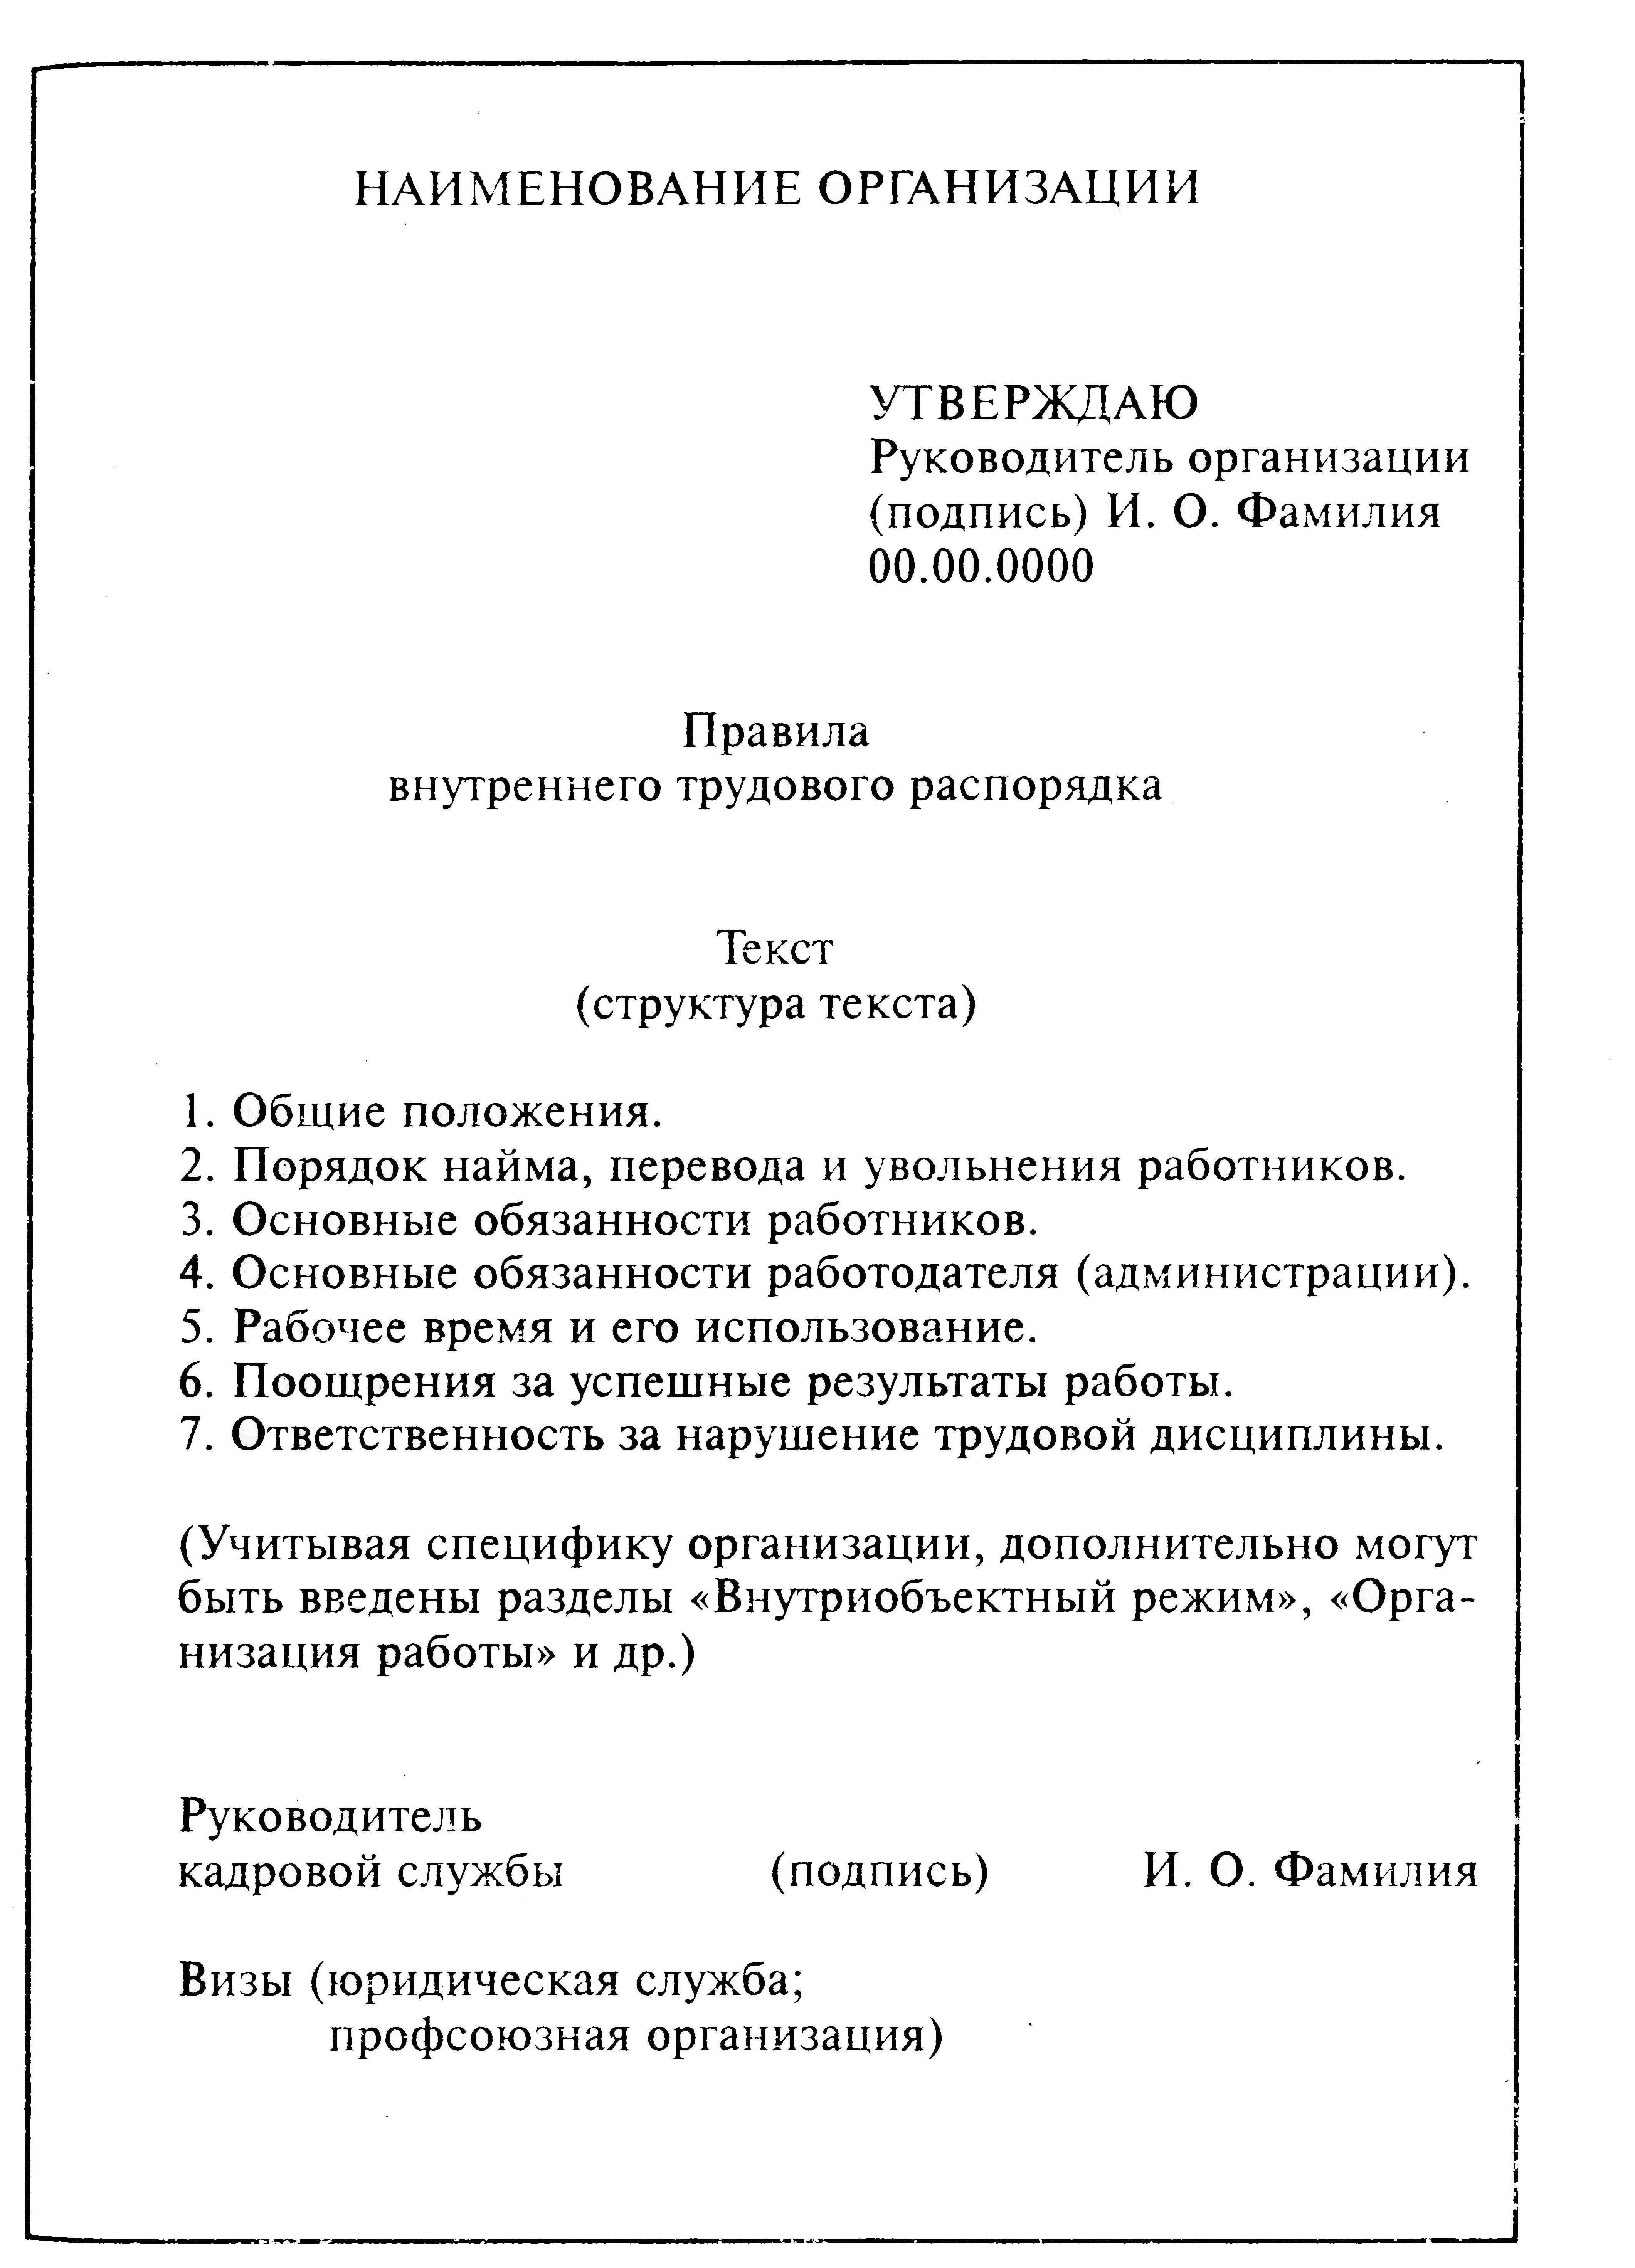 приказ об утверждении фирменных бланков организации